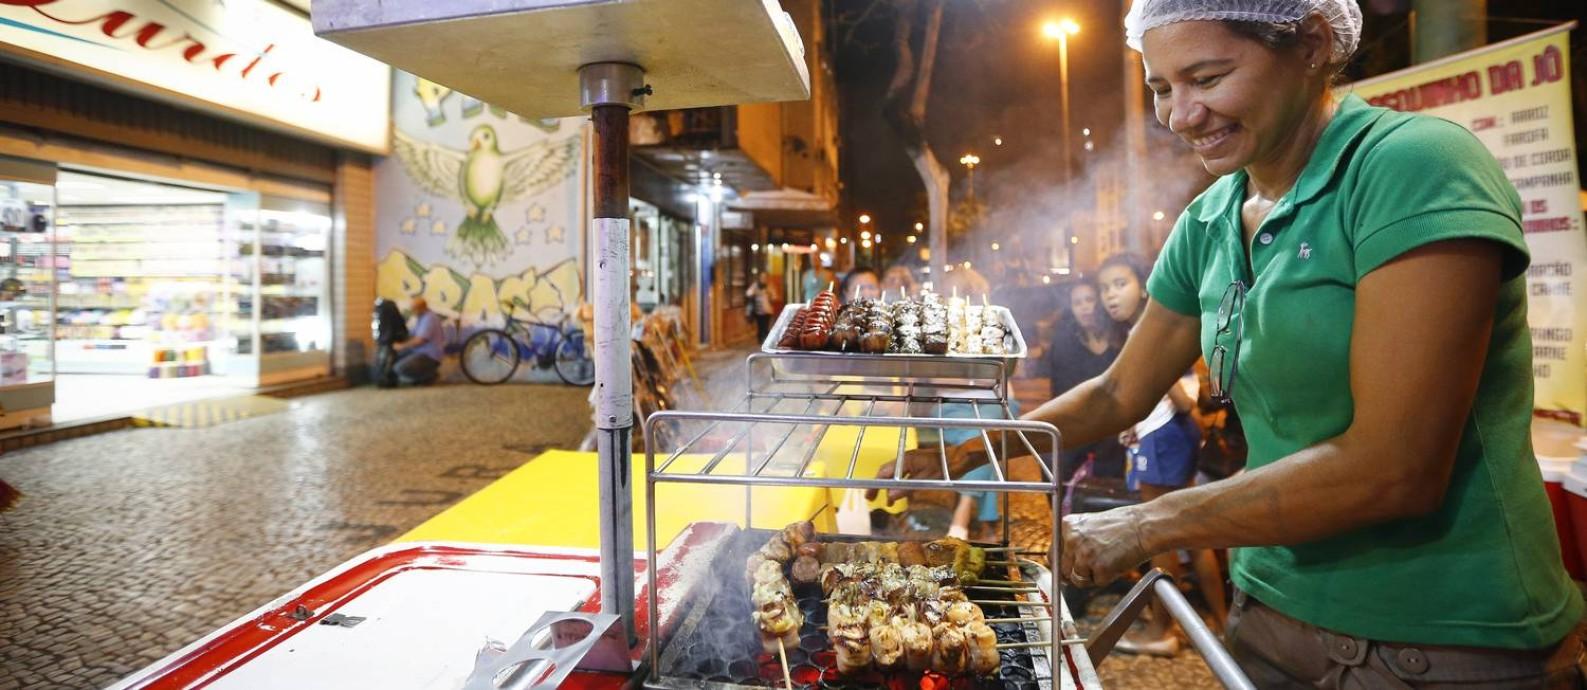 Autorizada. Jô, que vende churrasquinhos em Vila Isabel, fez um curso de manipulação de alimentos e ganhou uma licença do município para trabalhar Foto: Pablo Jacob / Agência O Globo